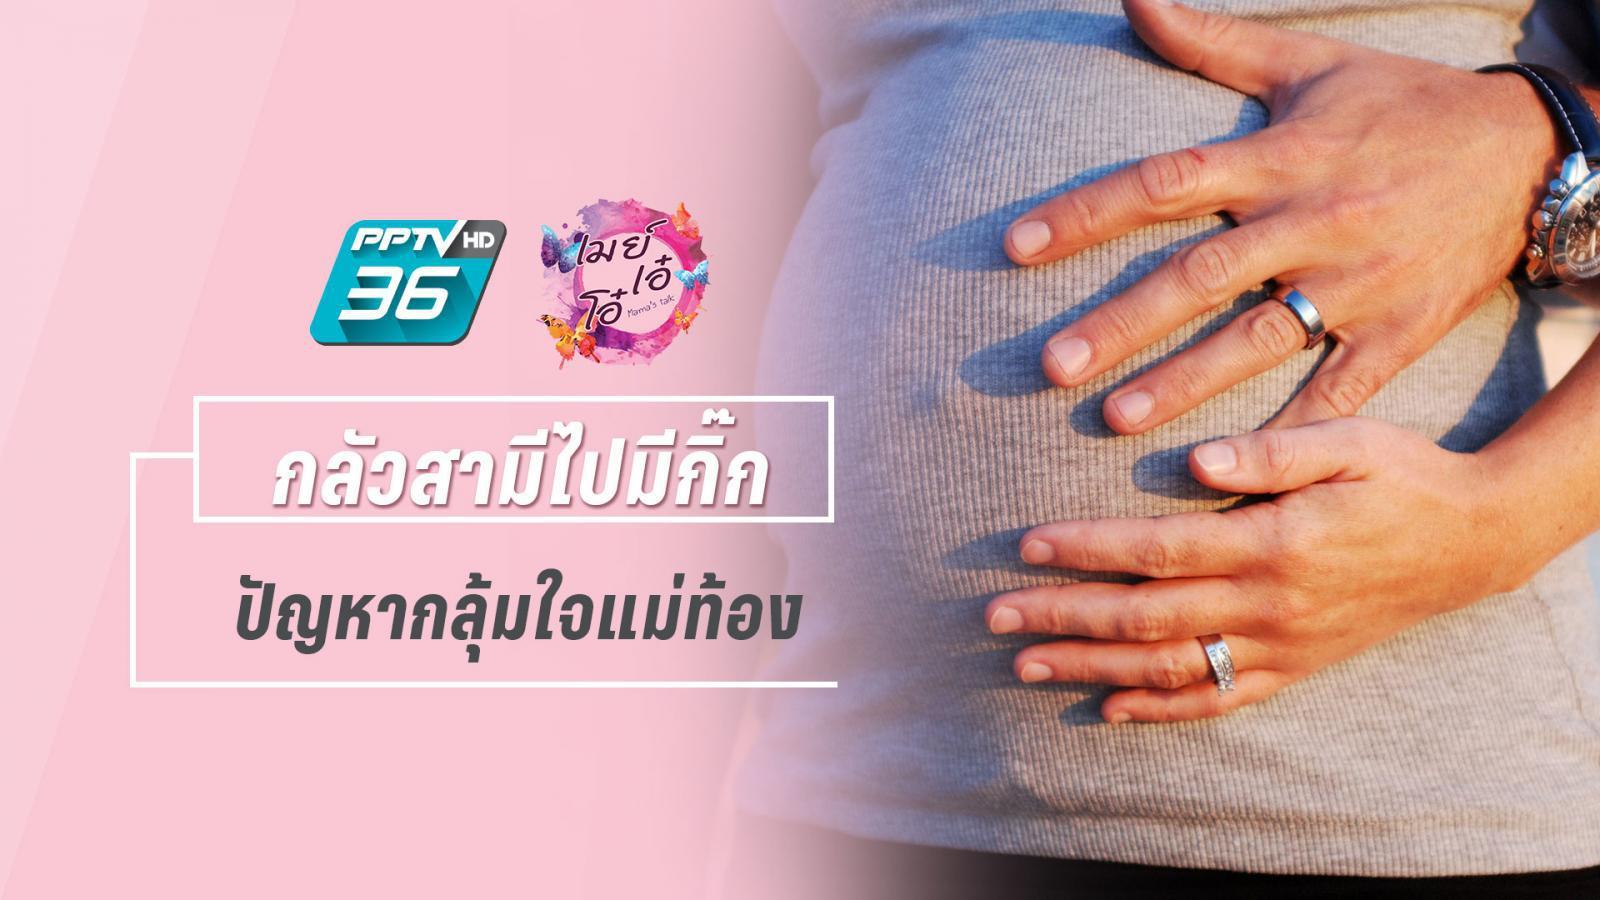 กลัวสามีไปมีกิ๊ก ปัญหากลุ้มใจแม่ท้อง